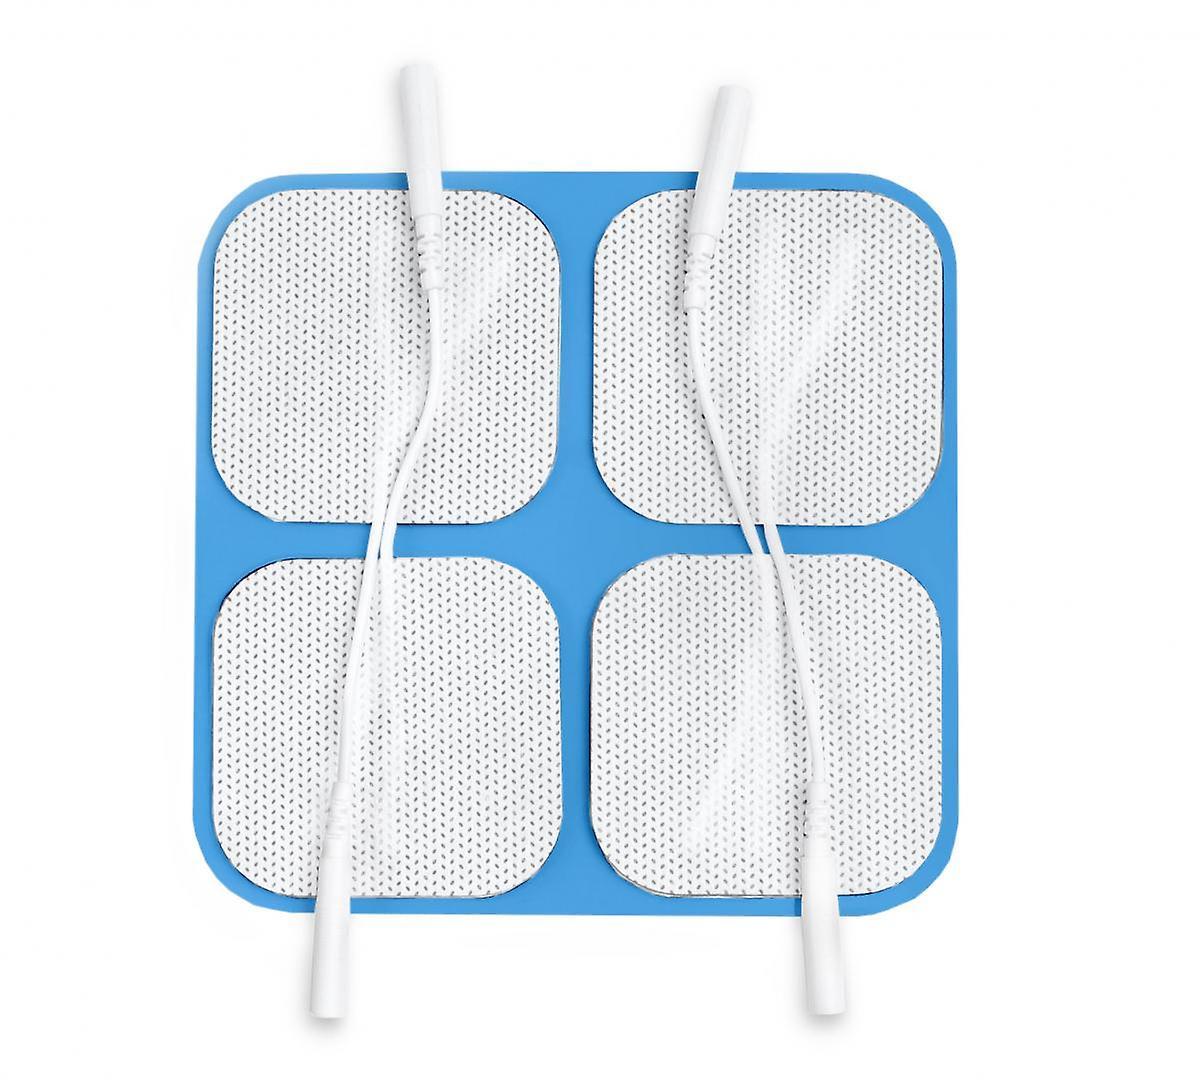 Skin-Friendly Blue Gel Electrodes 50x50mm, 1 pack